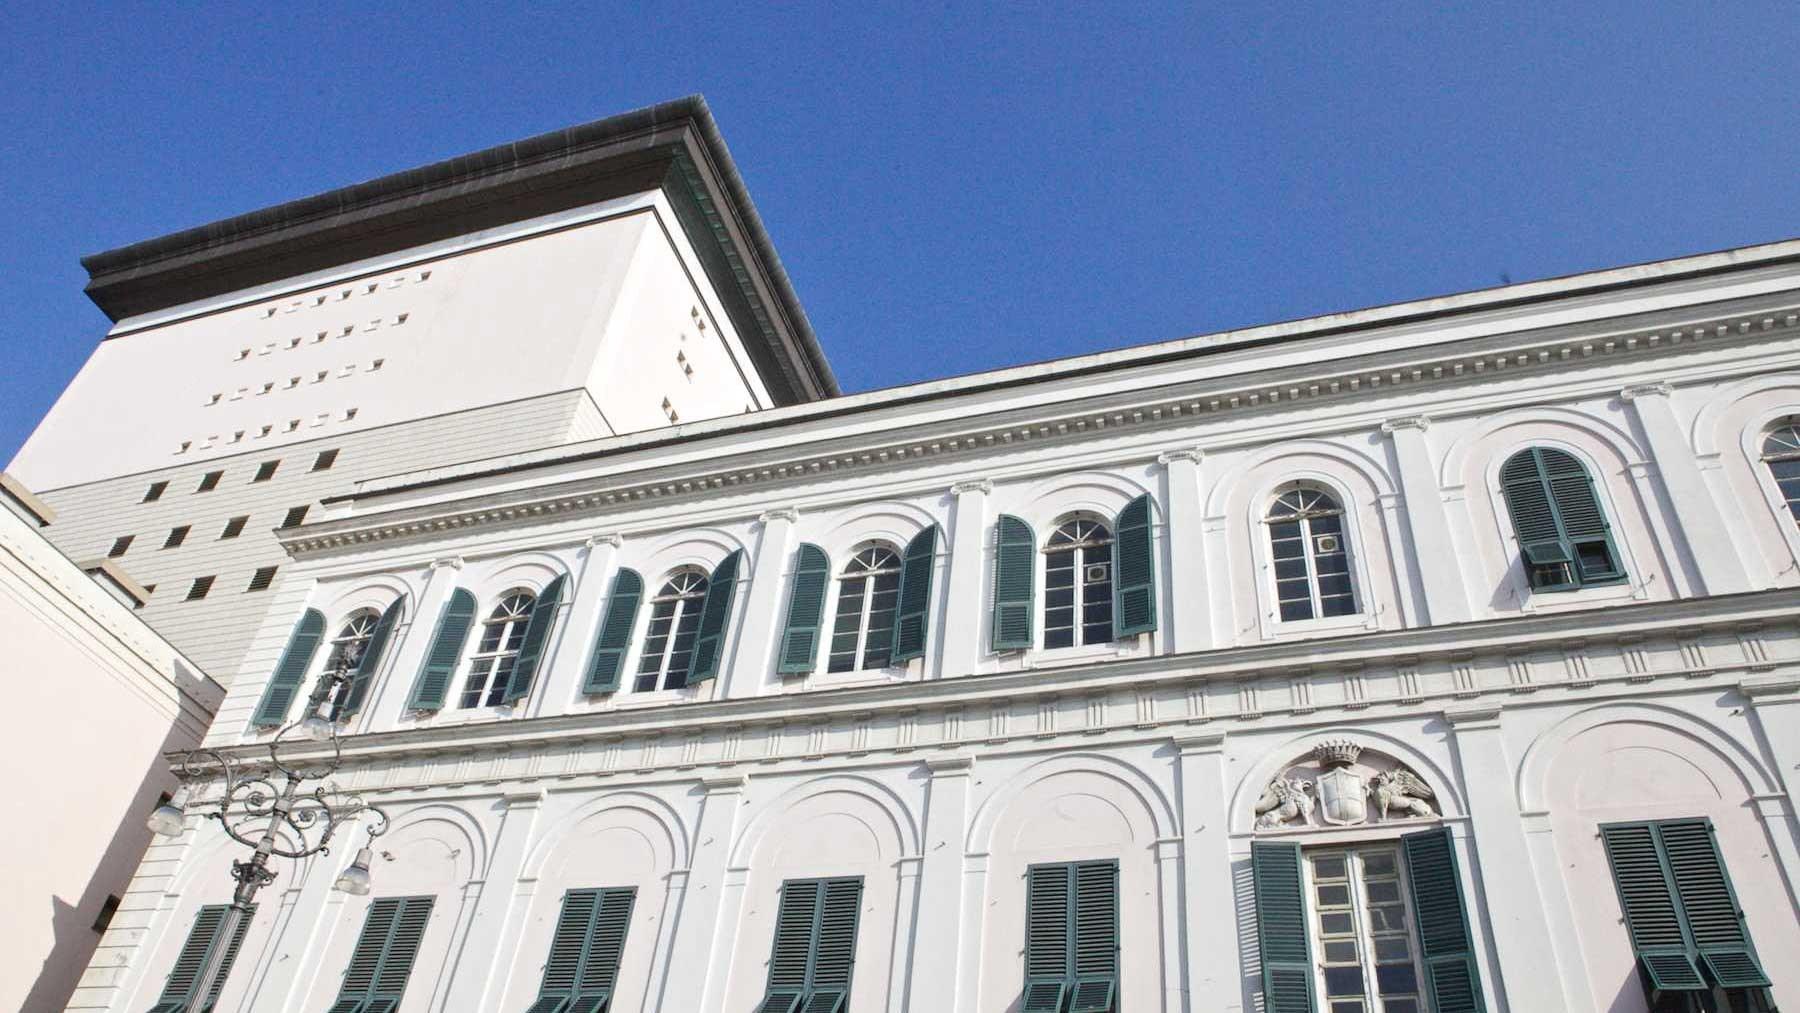 Accademia ligustica di belle arti capurro ricevimenti for Accademia delle belle arti corsi